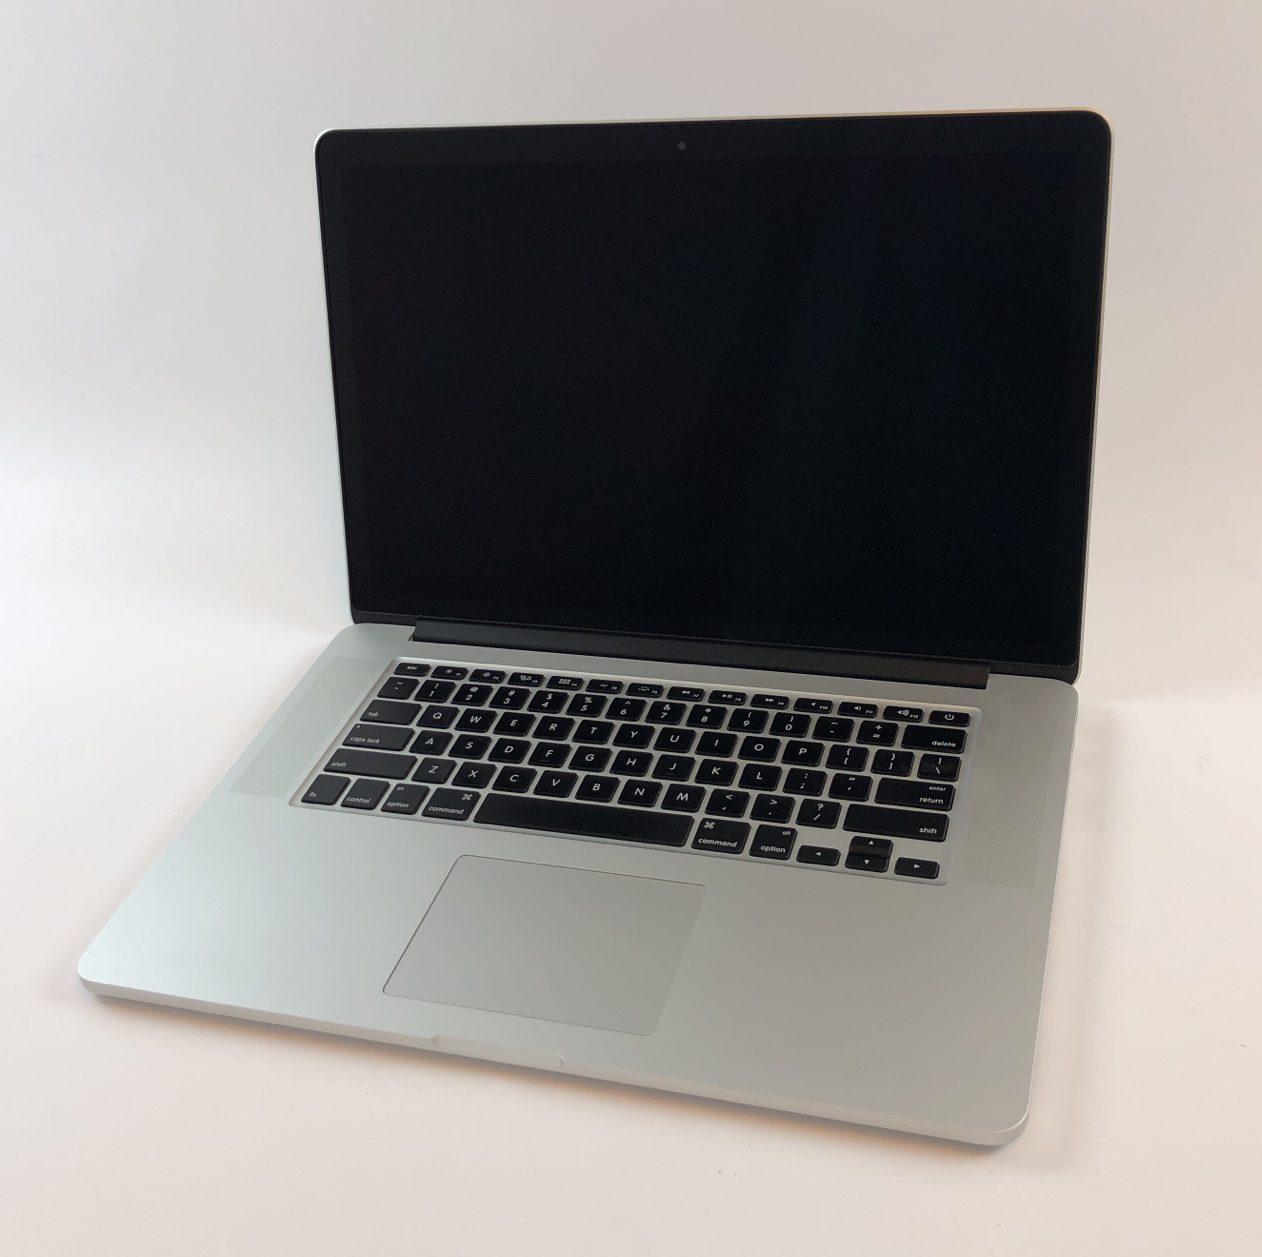 """MacBook Pro Retina 15"""" Mid 2014 (Intel Quad-Core i7 2.2 GHz 16 GB RAM 256 GB SSD), Intel Quad-Core i7 2.2 GHz, 16 GB RAM, 256 GB SSD, image 1"""